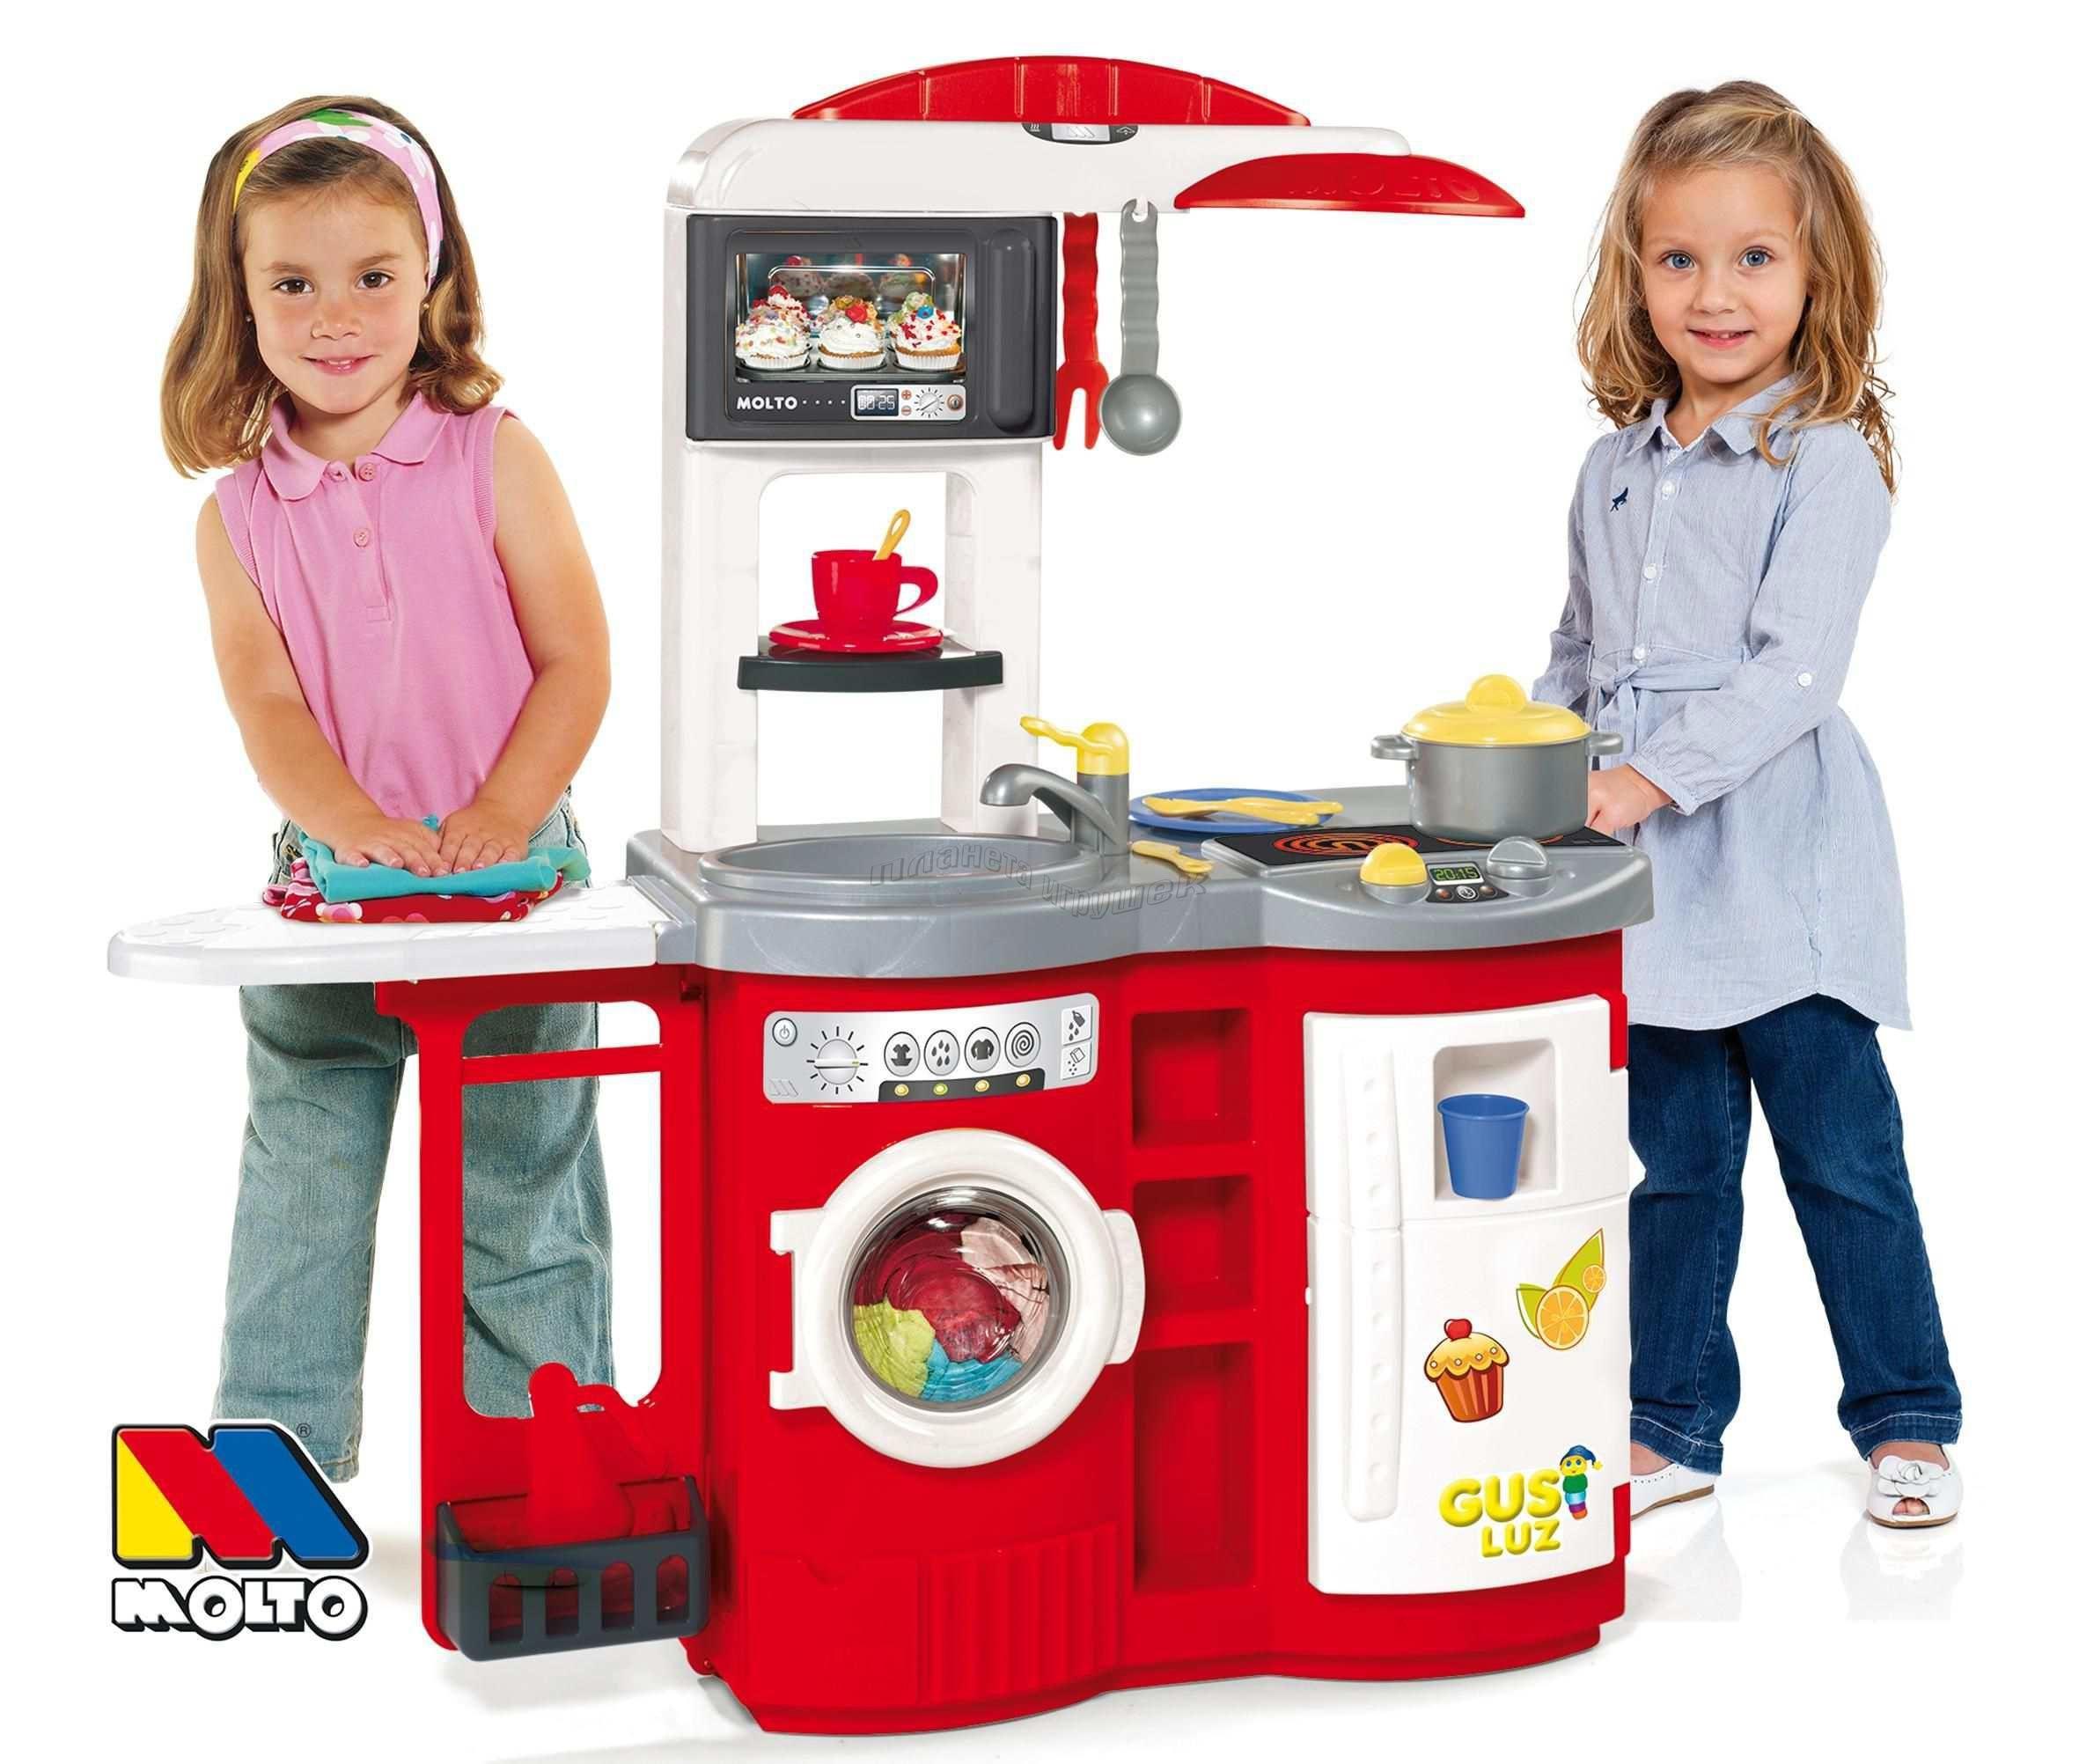 Купить Детская игровая кухня - Molto с гладильной доской